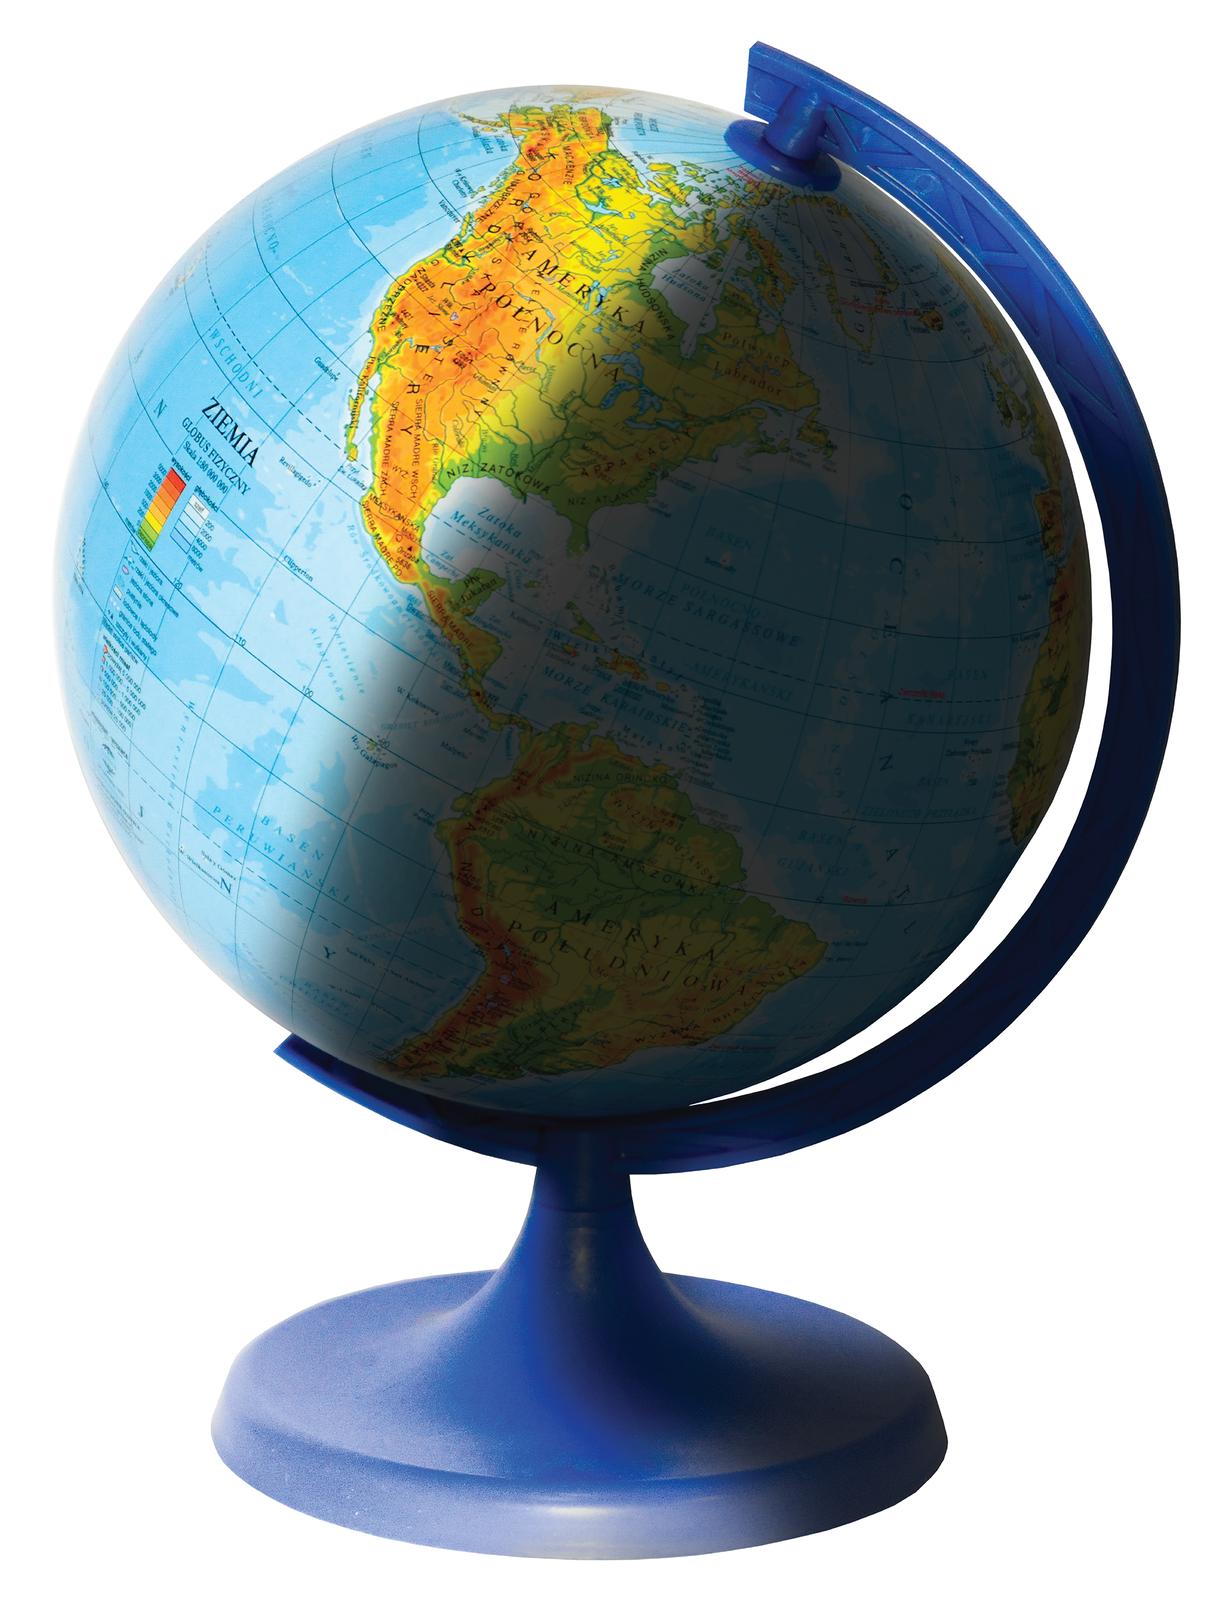 Fotografia prezentuje globus, którego lewa połowa jest oświetlona, aprzeciwna prawa połowa zacieniona.